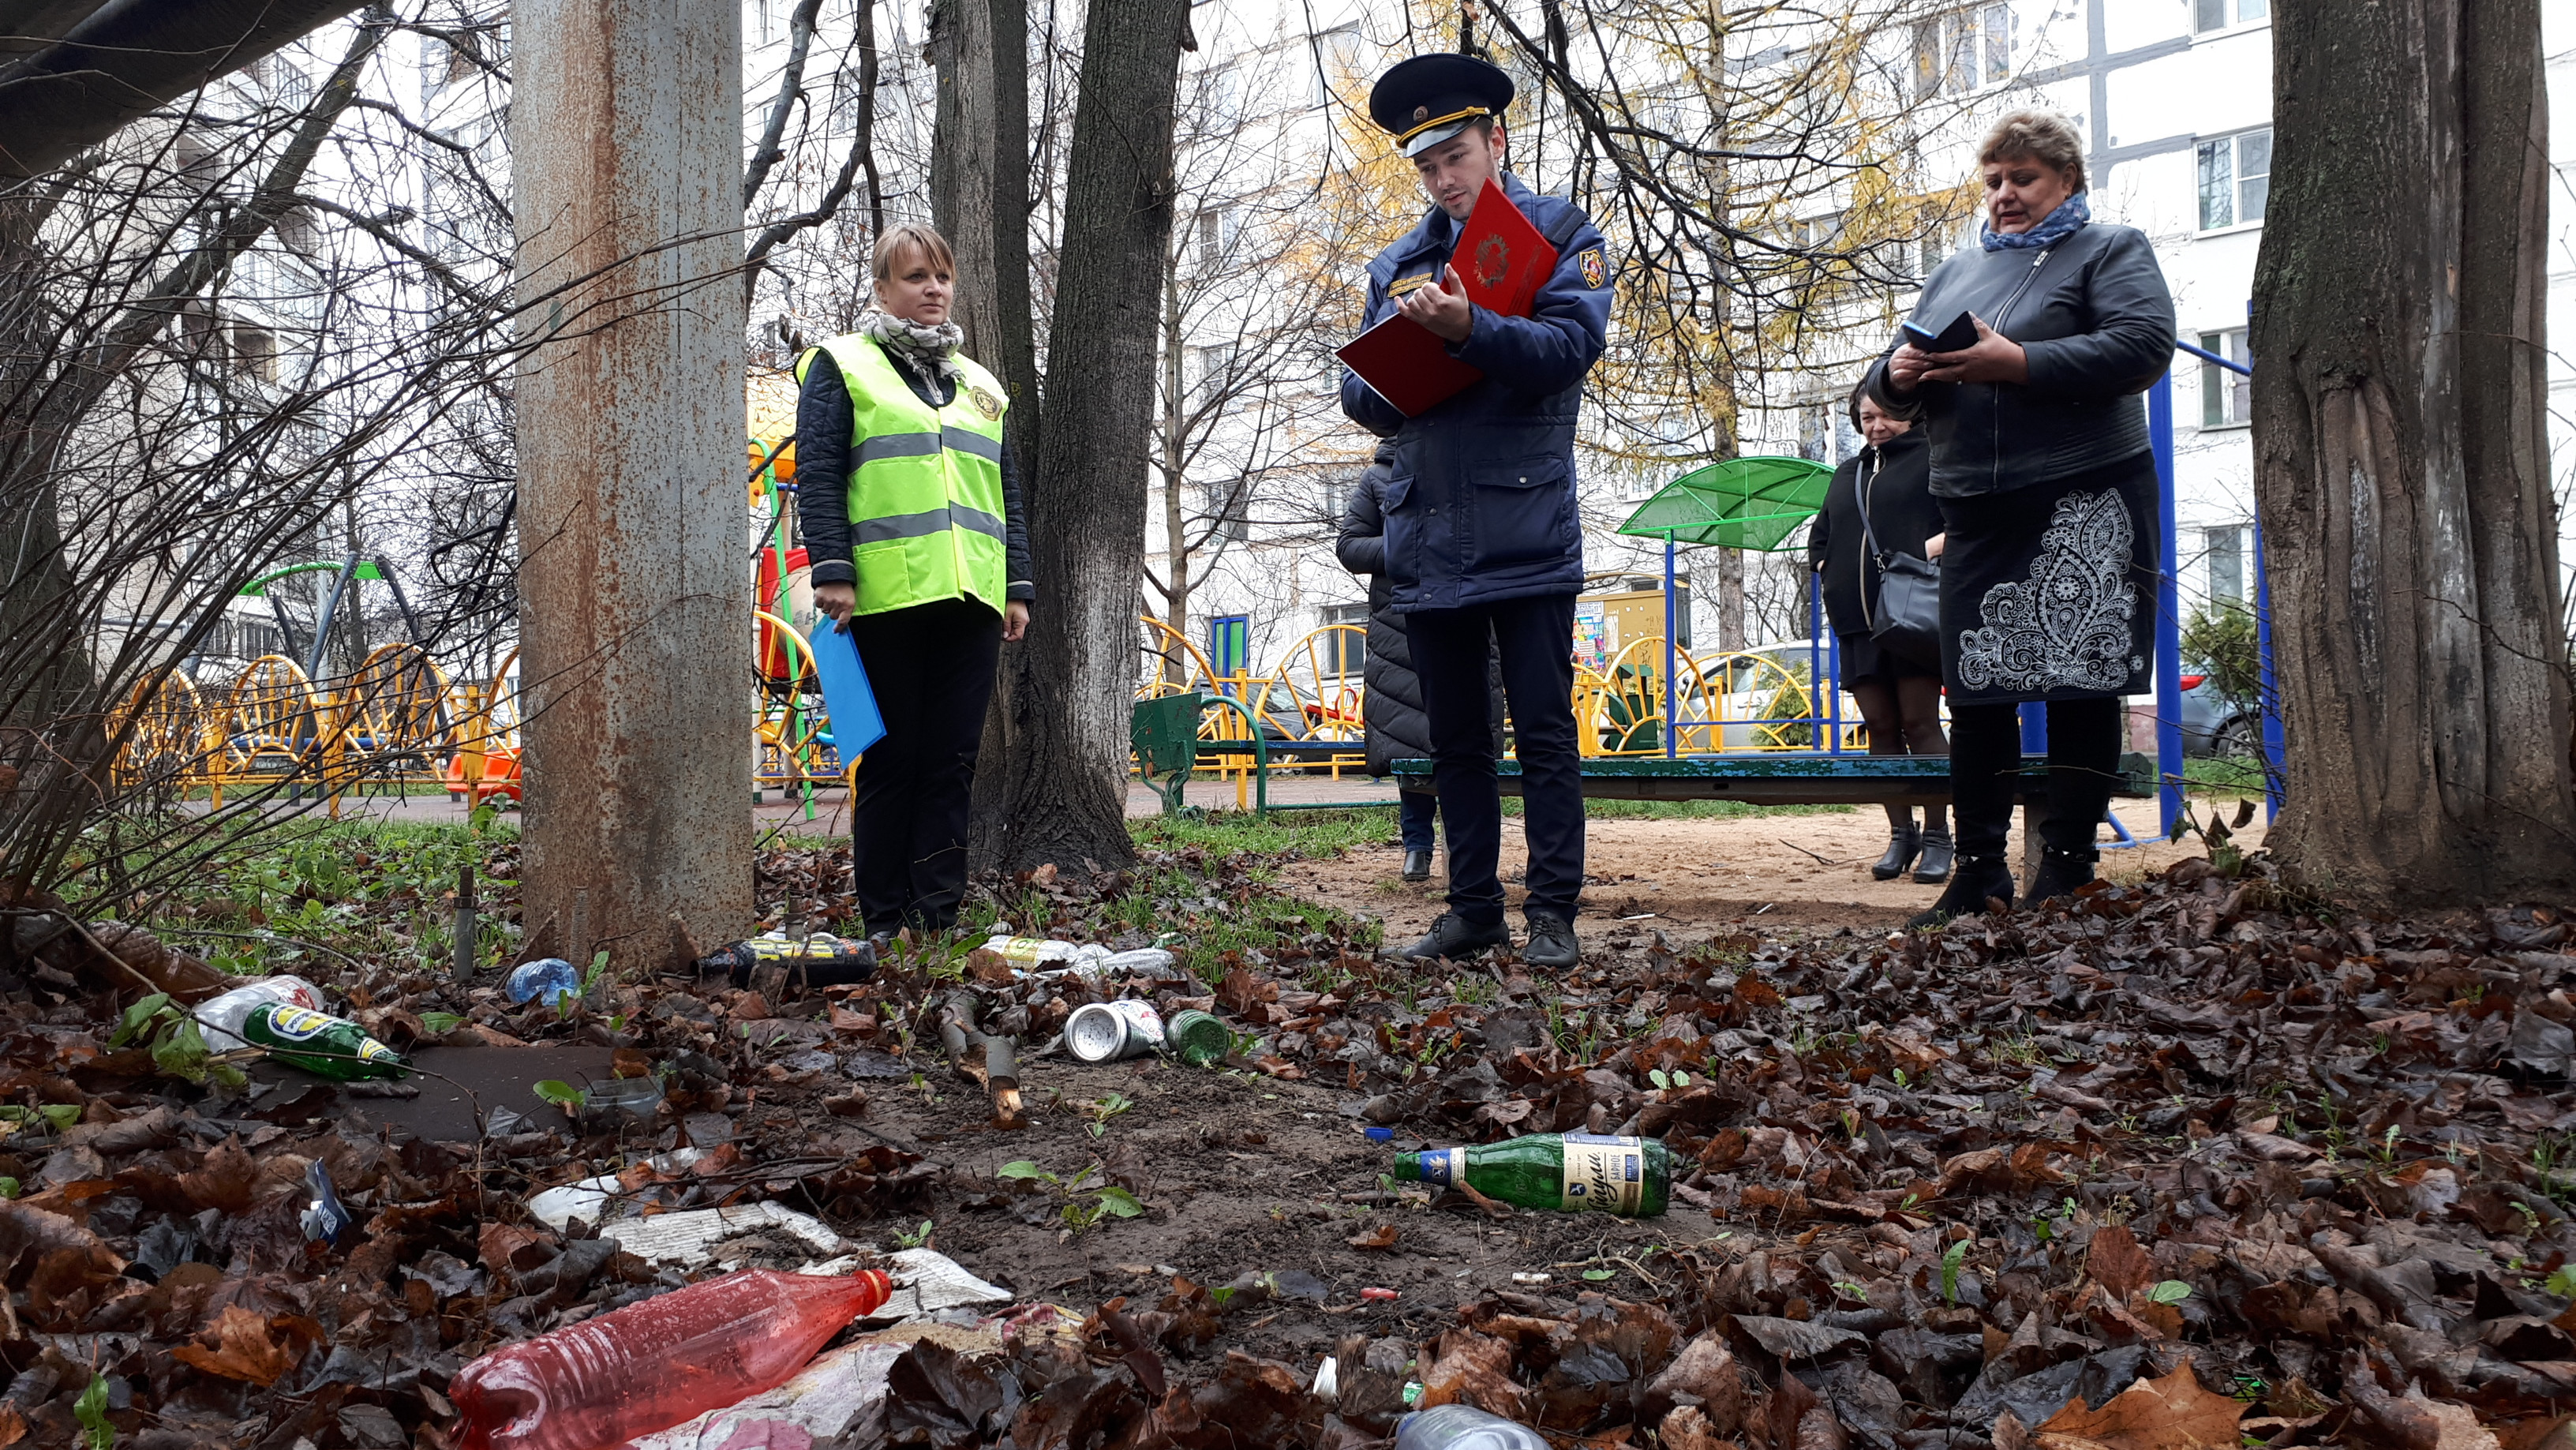 Более 440 нарушений чистоты устранили в Подмосковье за неделю